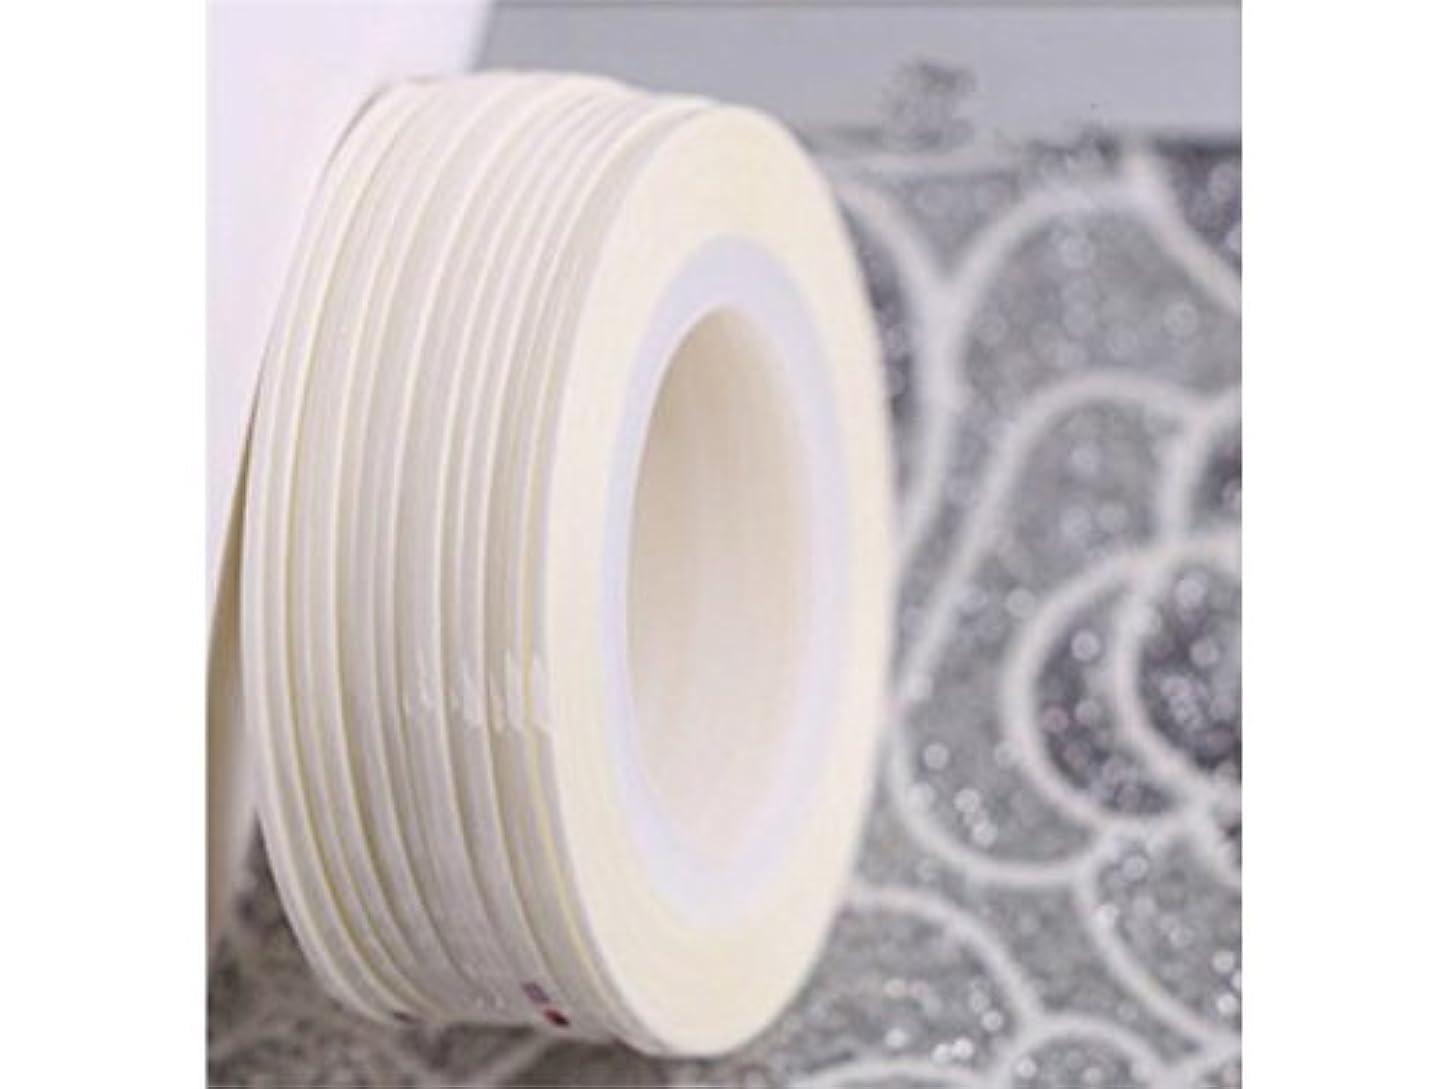 に向かって君主骨Osize ネイルアートキラキラゴールドシルバーストリップラインリボンストライプ装飾ツールネイルステッカーストライピングテープラインネイルアート装飾(白)